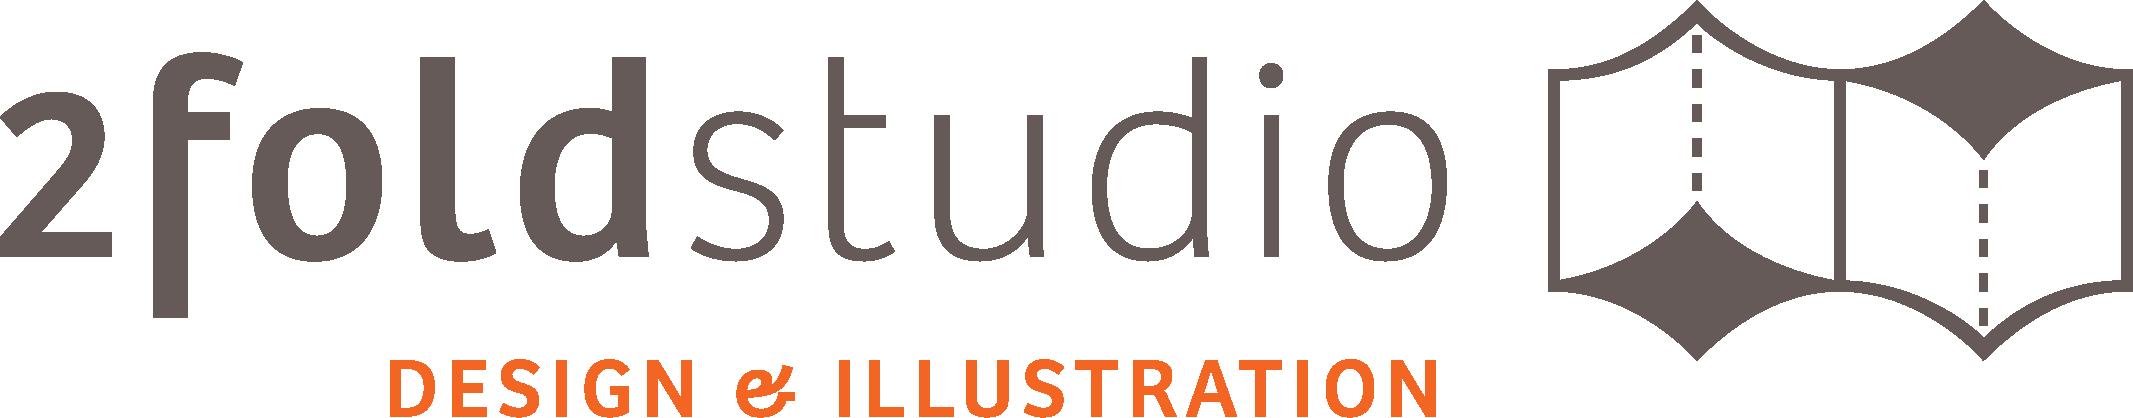 2 Fold Studio